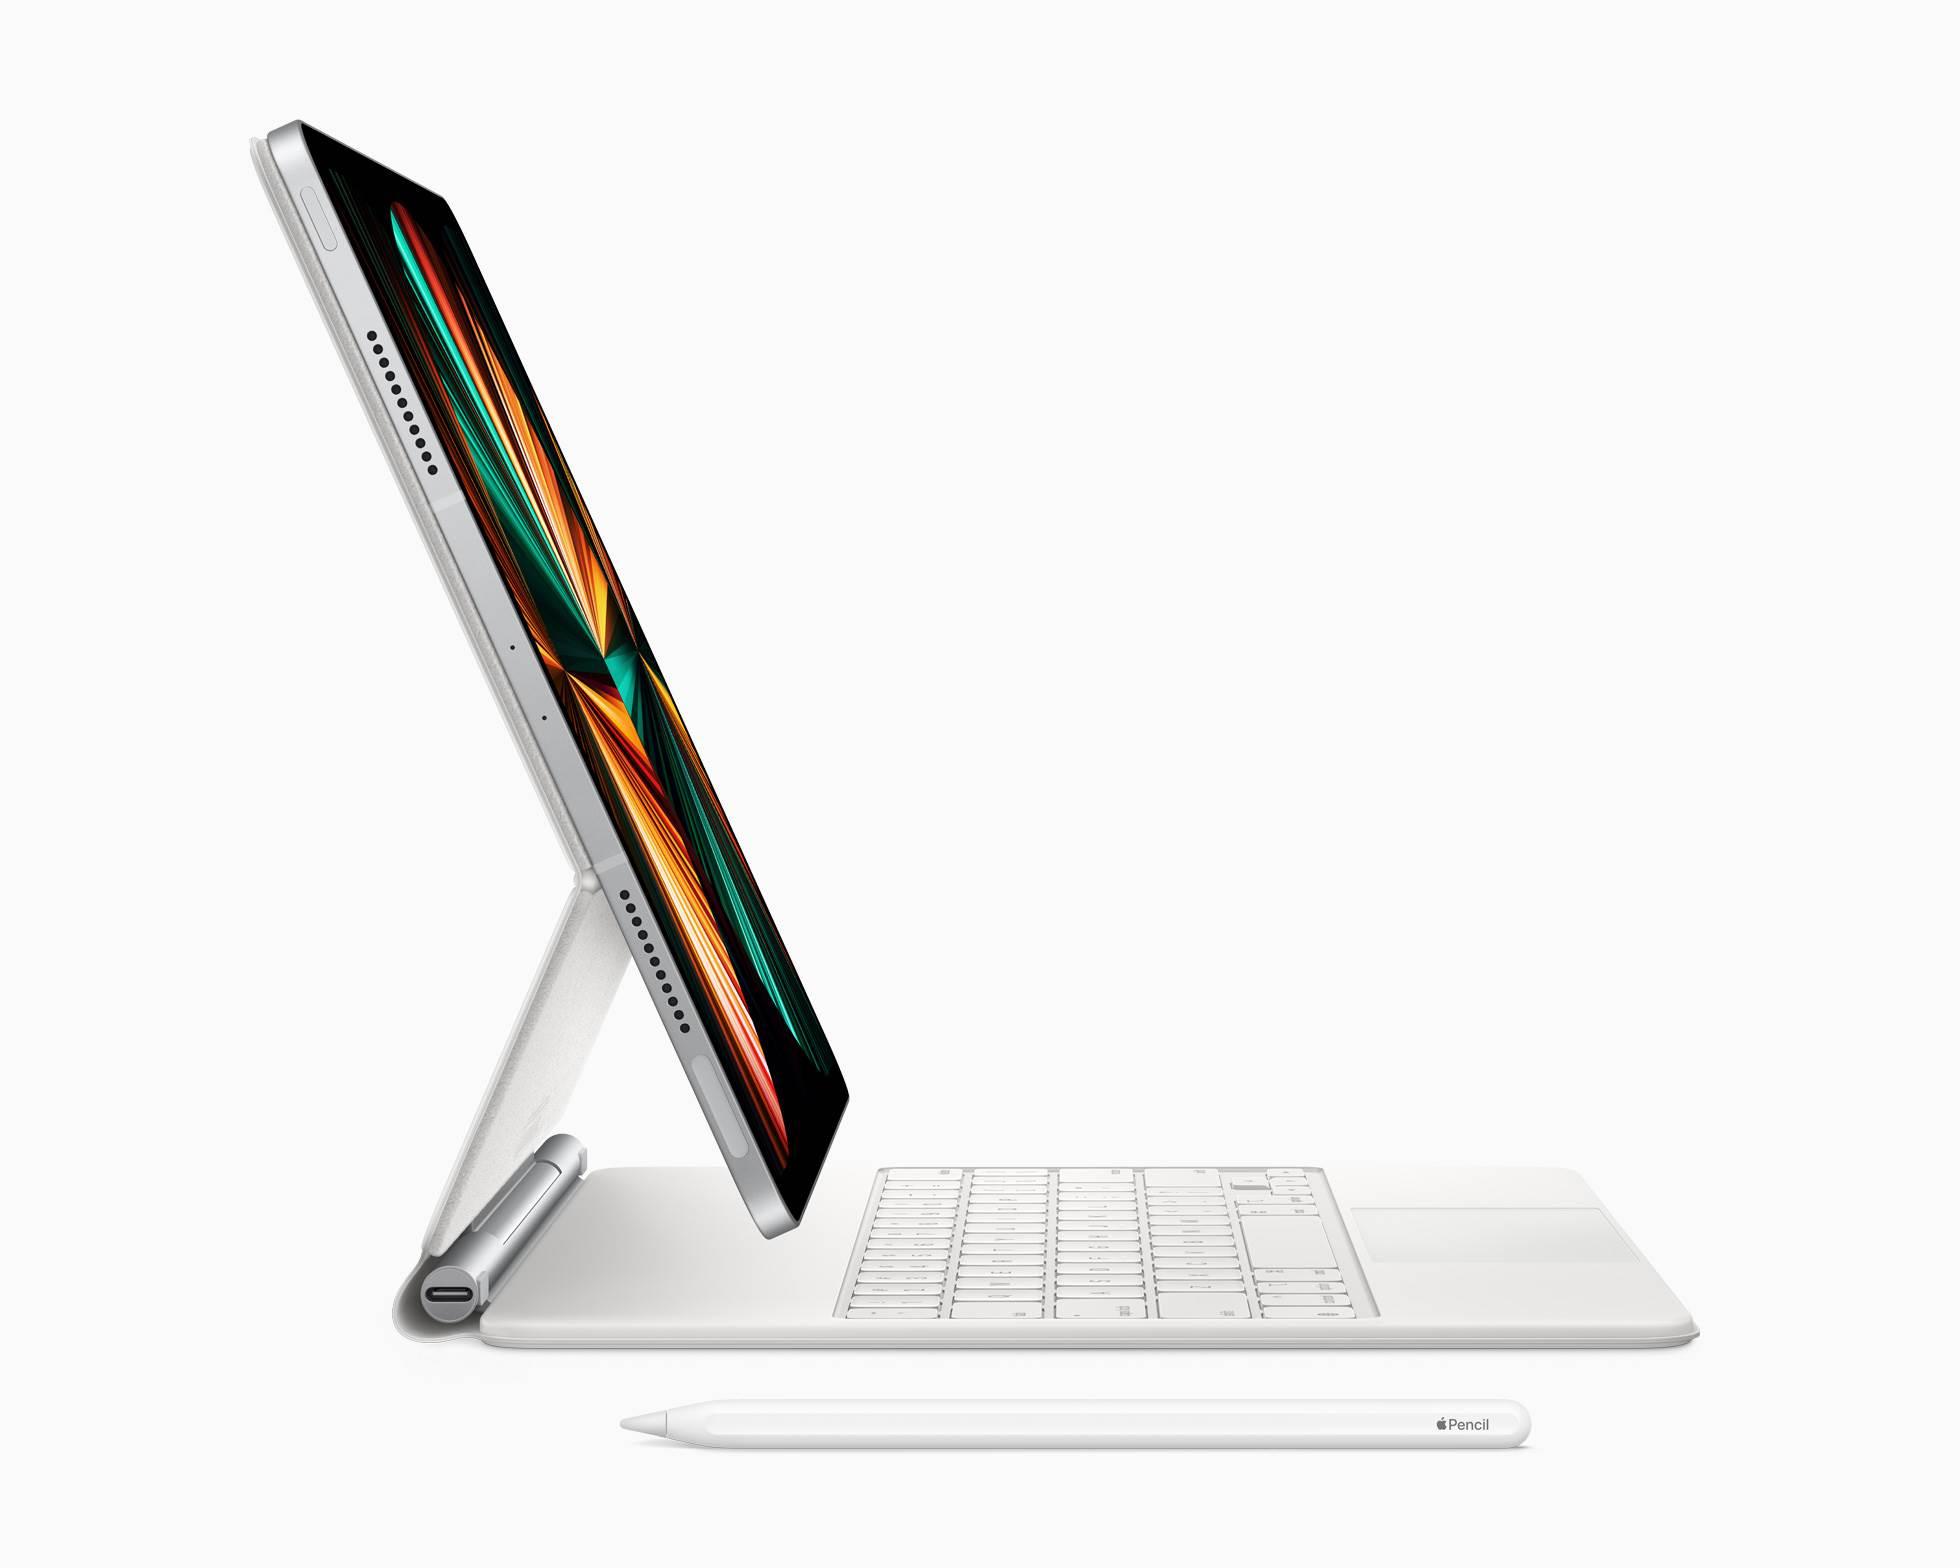 Nowe iPady Pro z procesorem M1 oficjalnie zaprezentowane polecane, ciekawostki Specyfikacja, polskie ceny ipad Pro M1, M1, iPad Pro z procesorem M1, iPad Pro z czipem M1, ile kosztuje nowy Ipad Pro, czip M1, ceny iPad Pro z M1 w polsce, ceny  Dziś oprócz nowego fioletowego iPhone 12 / 12 mini, AirTag, iMac 2021, Apple TV 4K i Apple Card Family Apple zaprezentowało także nowe iPady Pro. Przyjrzyjmy się im z bliska. iPad keyborard